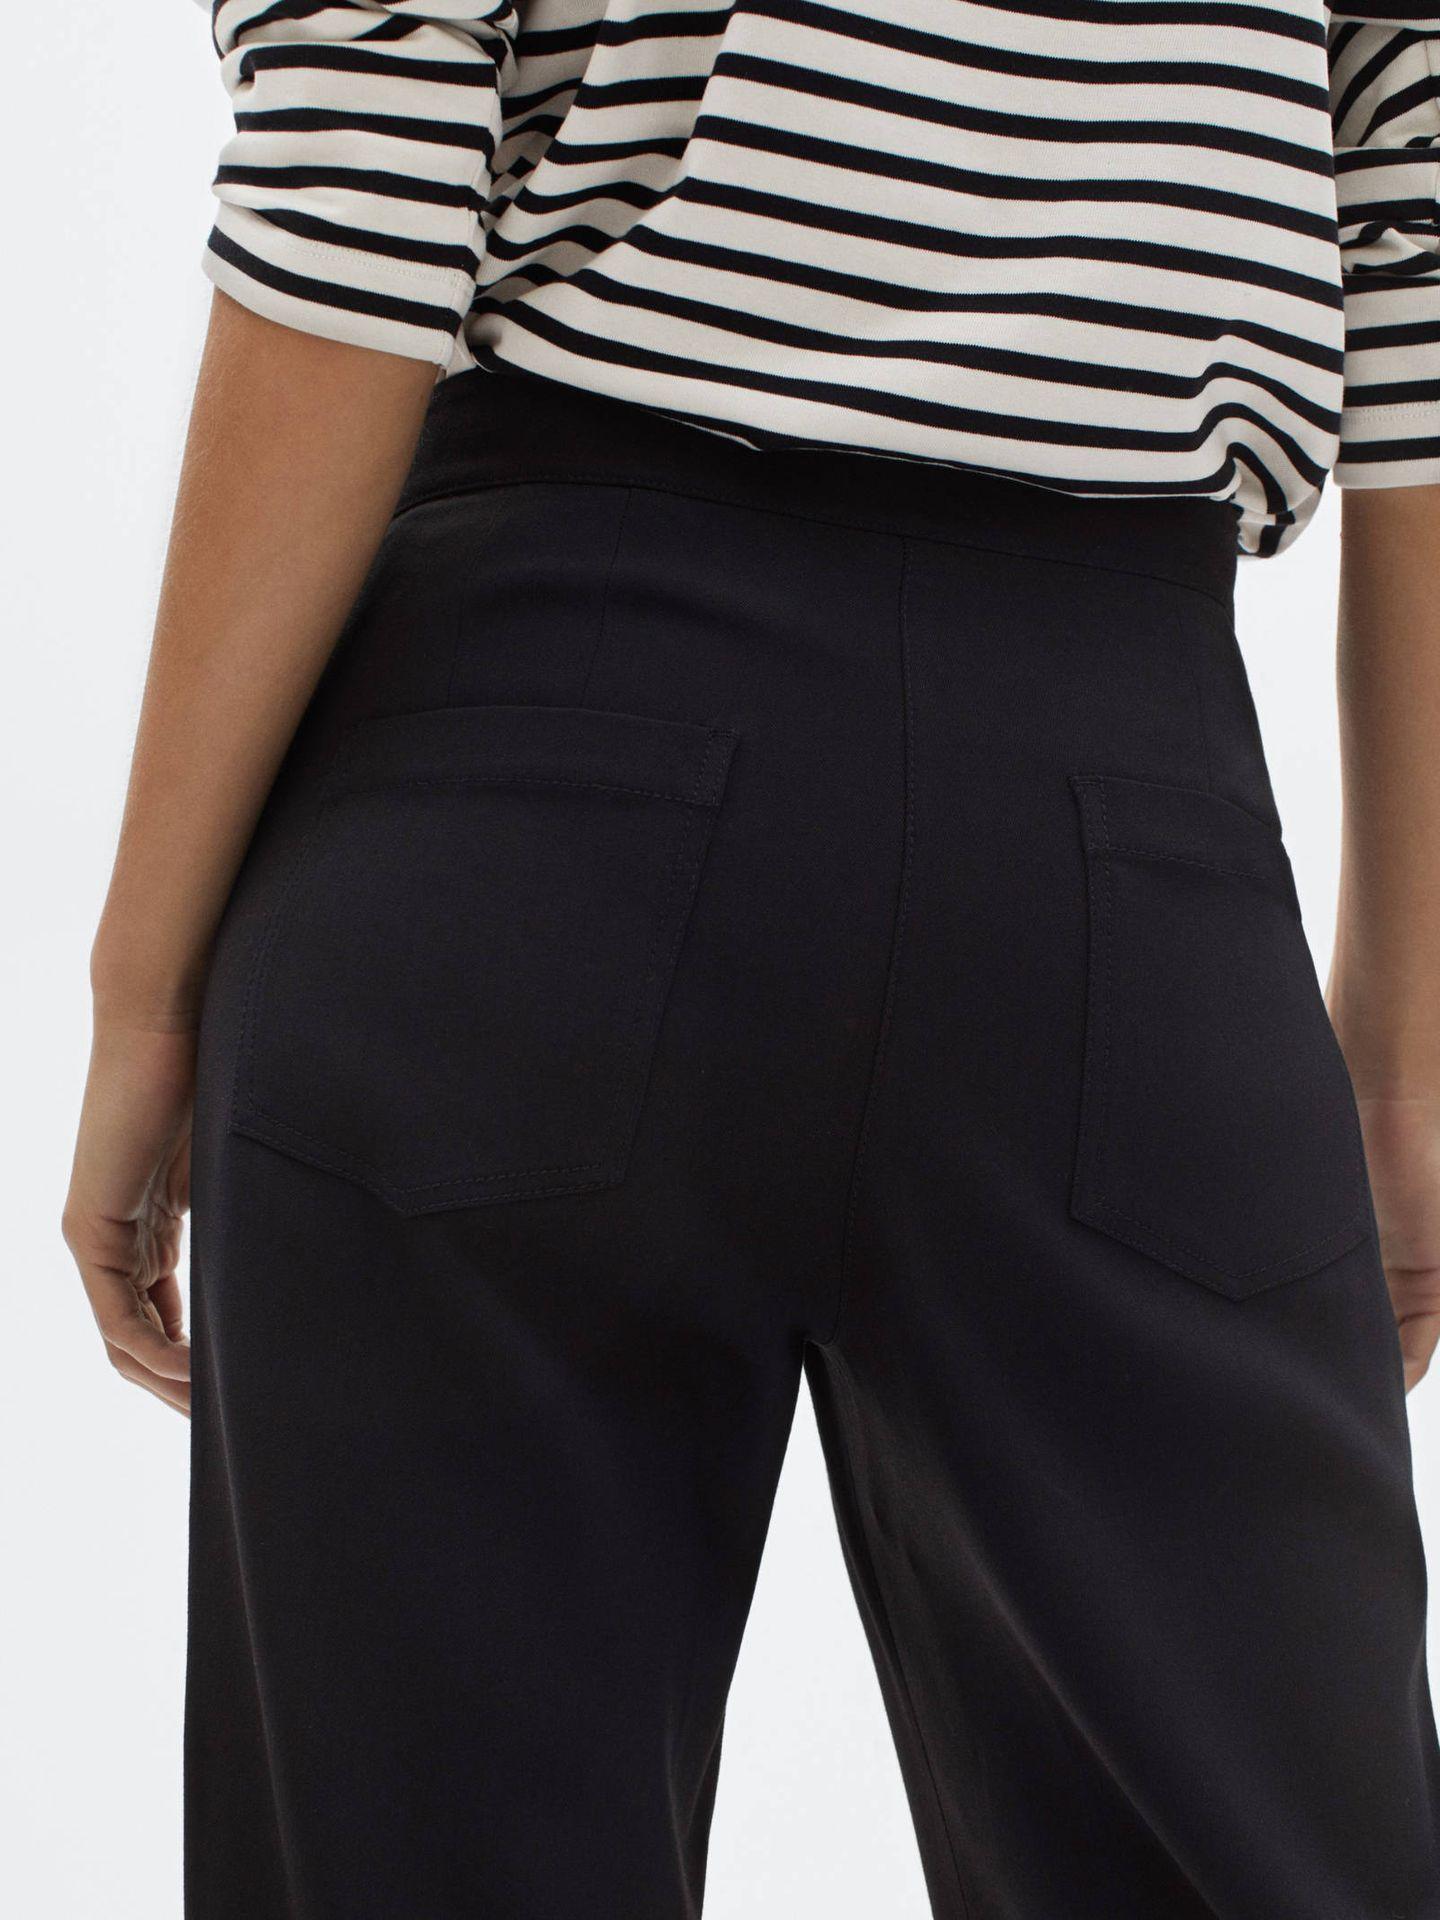 Pantalón ancho de Massimo Dutti. (Cortesía)